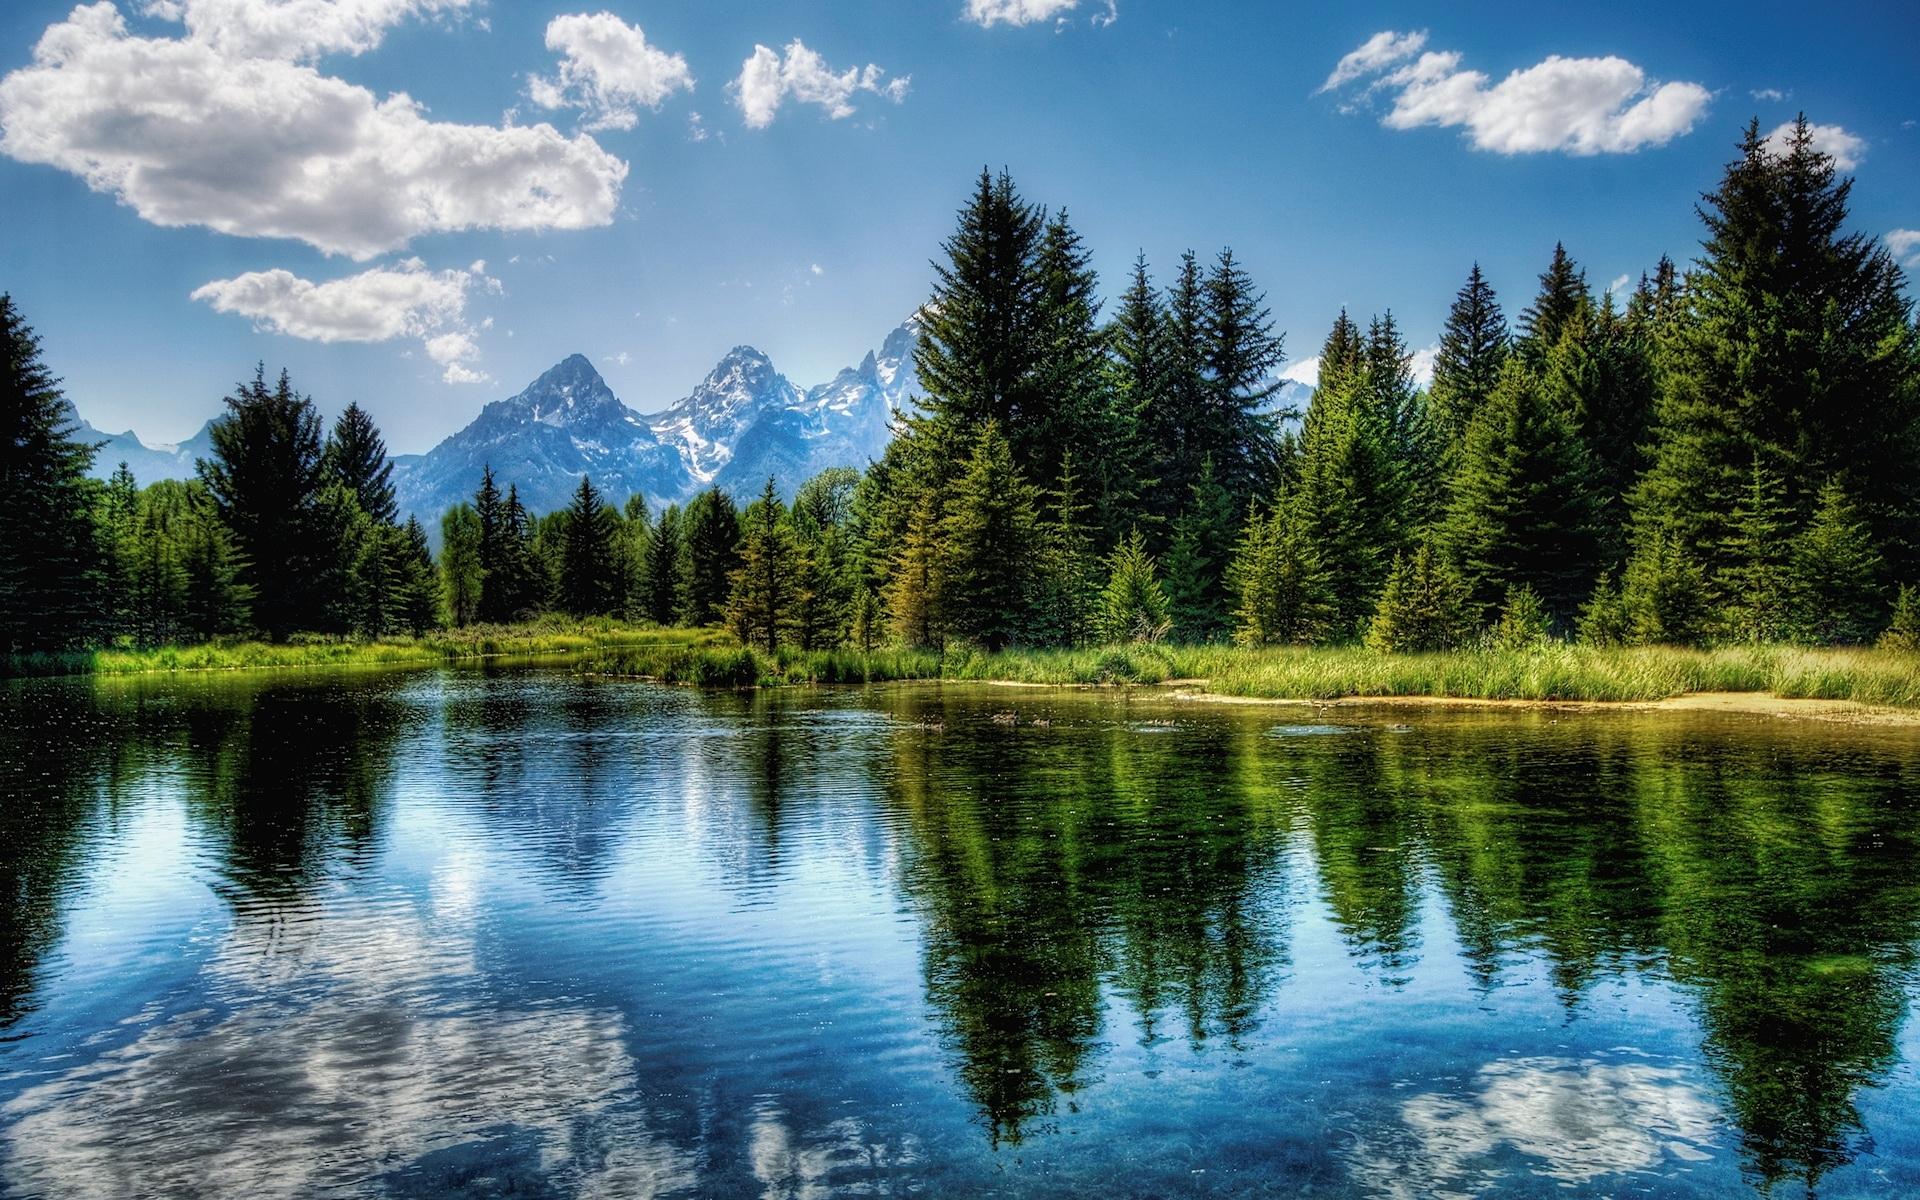 29749 скачать обои Пейзаж, Река, Горы - заставки и картинки бесплатно